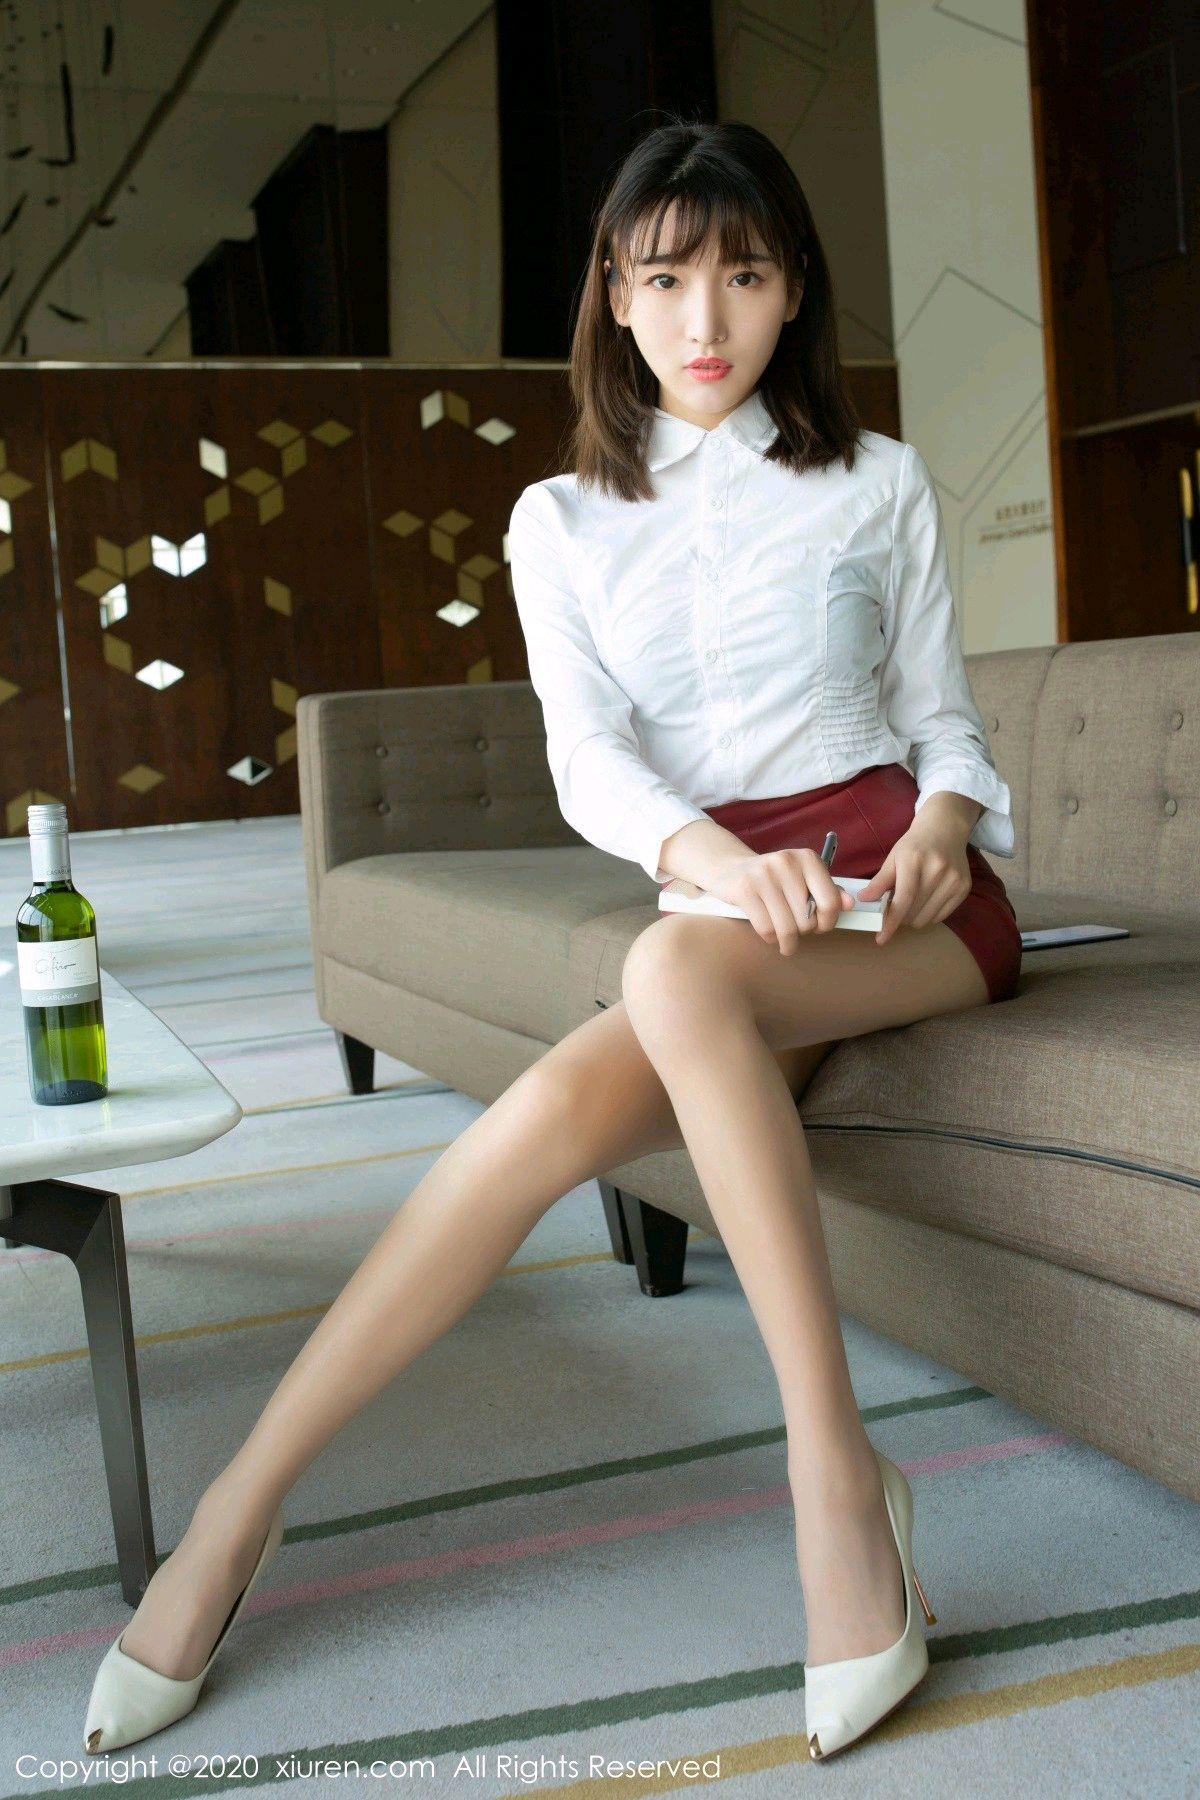 [XiuRen] Vol.2393 Lu Xuan Xuan 1P, Lu Xuan Xuan, Underwear, Xiuren